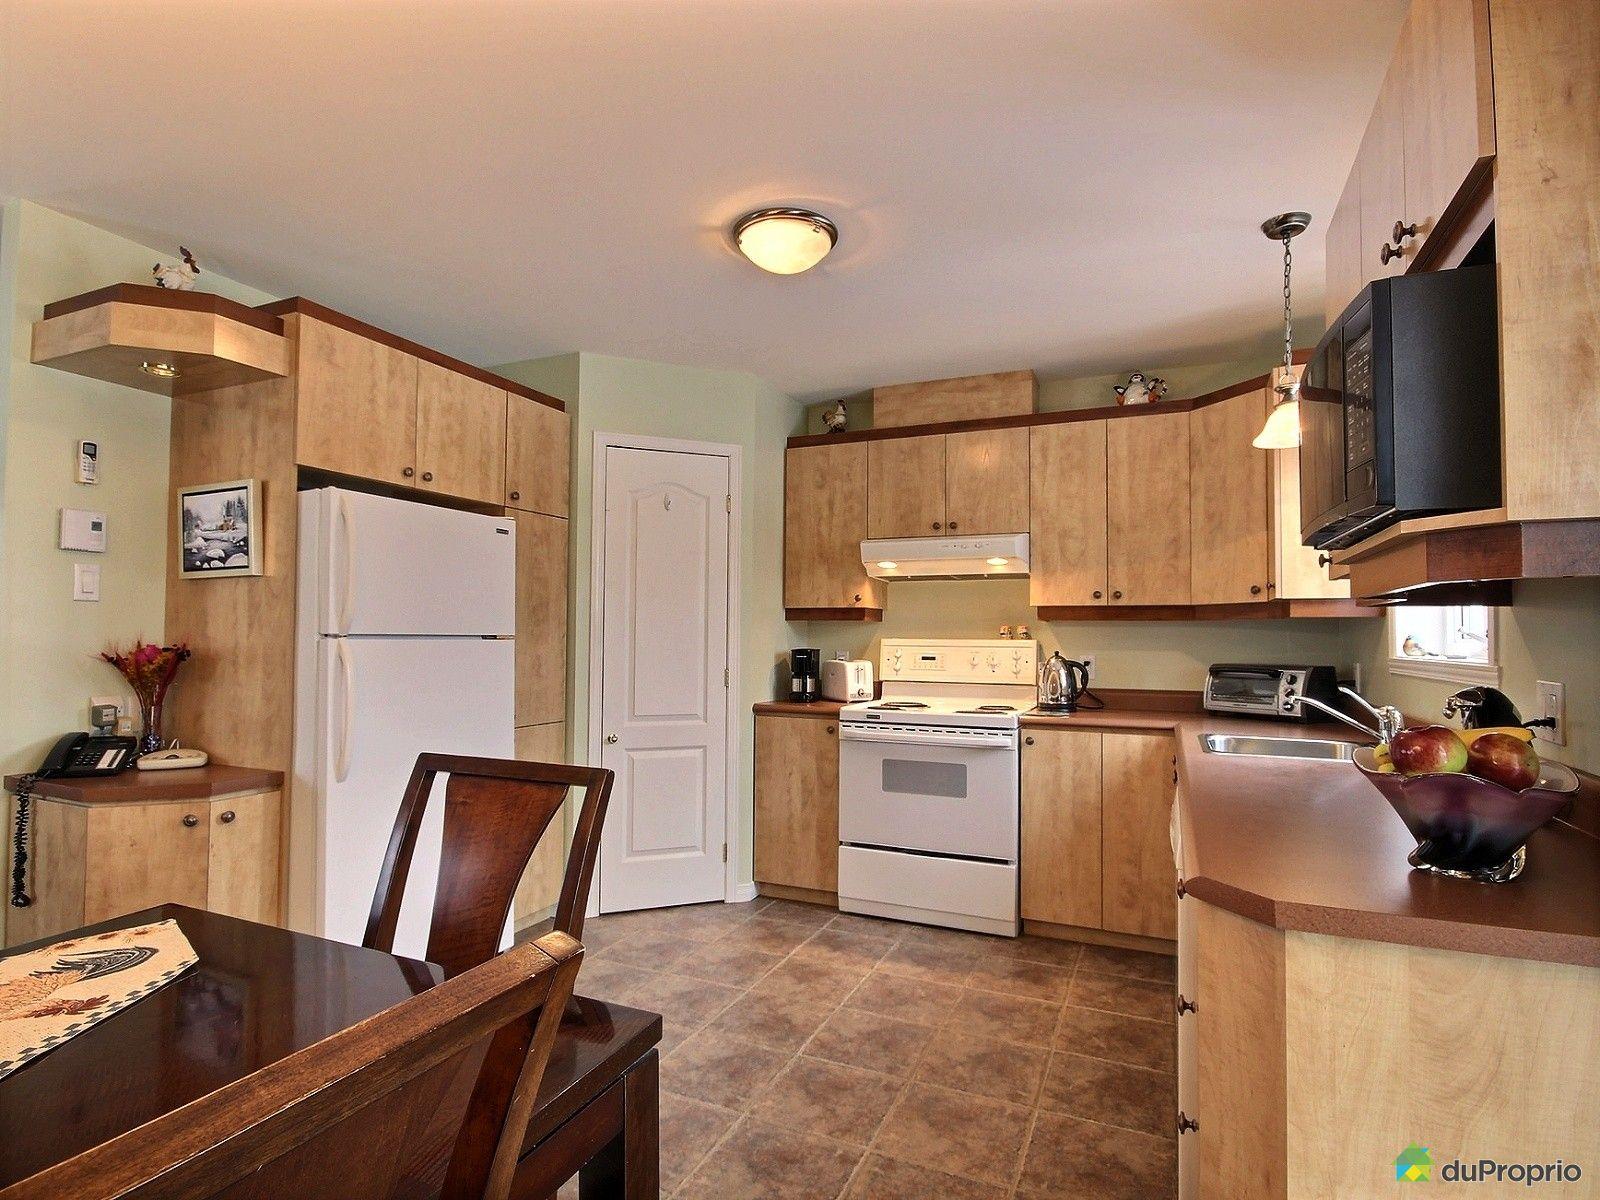 maison vendre st tienne de lauzon 33 rue lalibert immobilier qu bec duproprio 692409. Black Bedroom Furniture Sets. Home Design Ideas